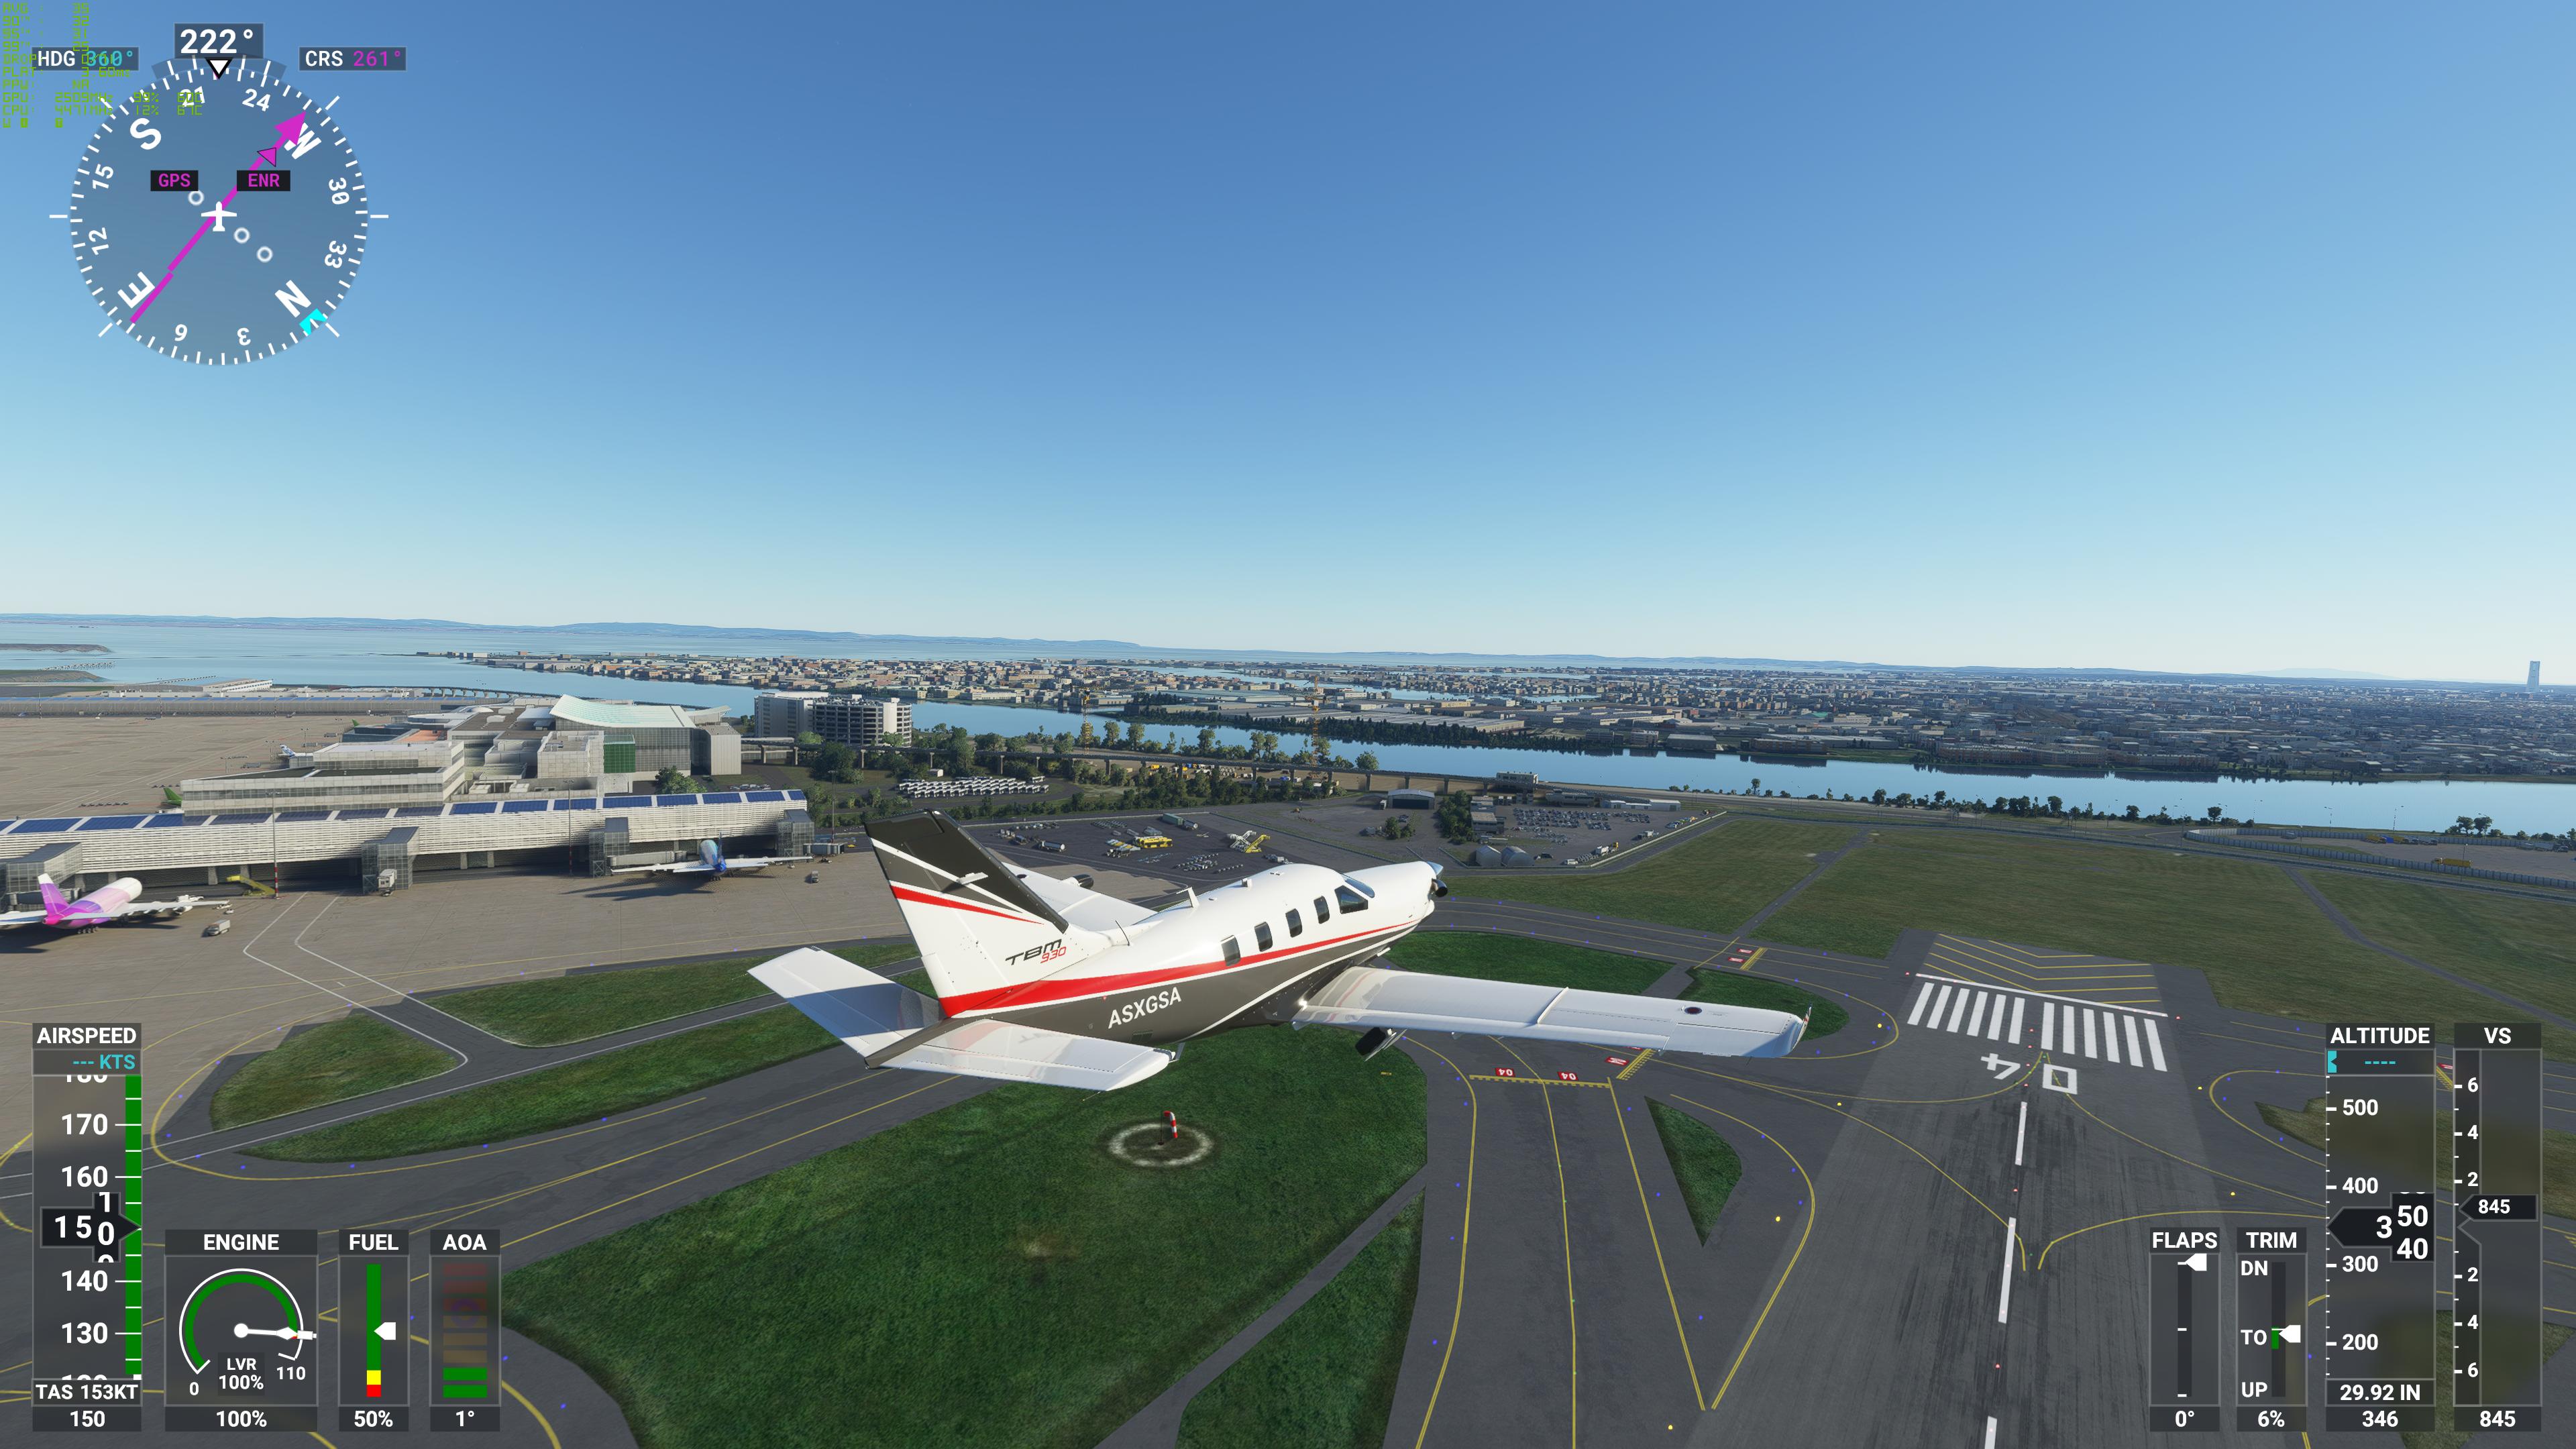 フレームレートが低下しやすい低空飛行時でも、4K解像度で30fps以上をキープできている。